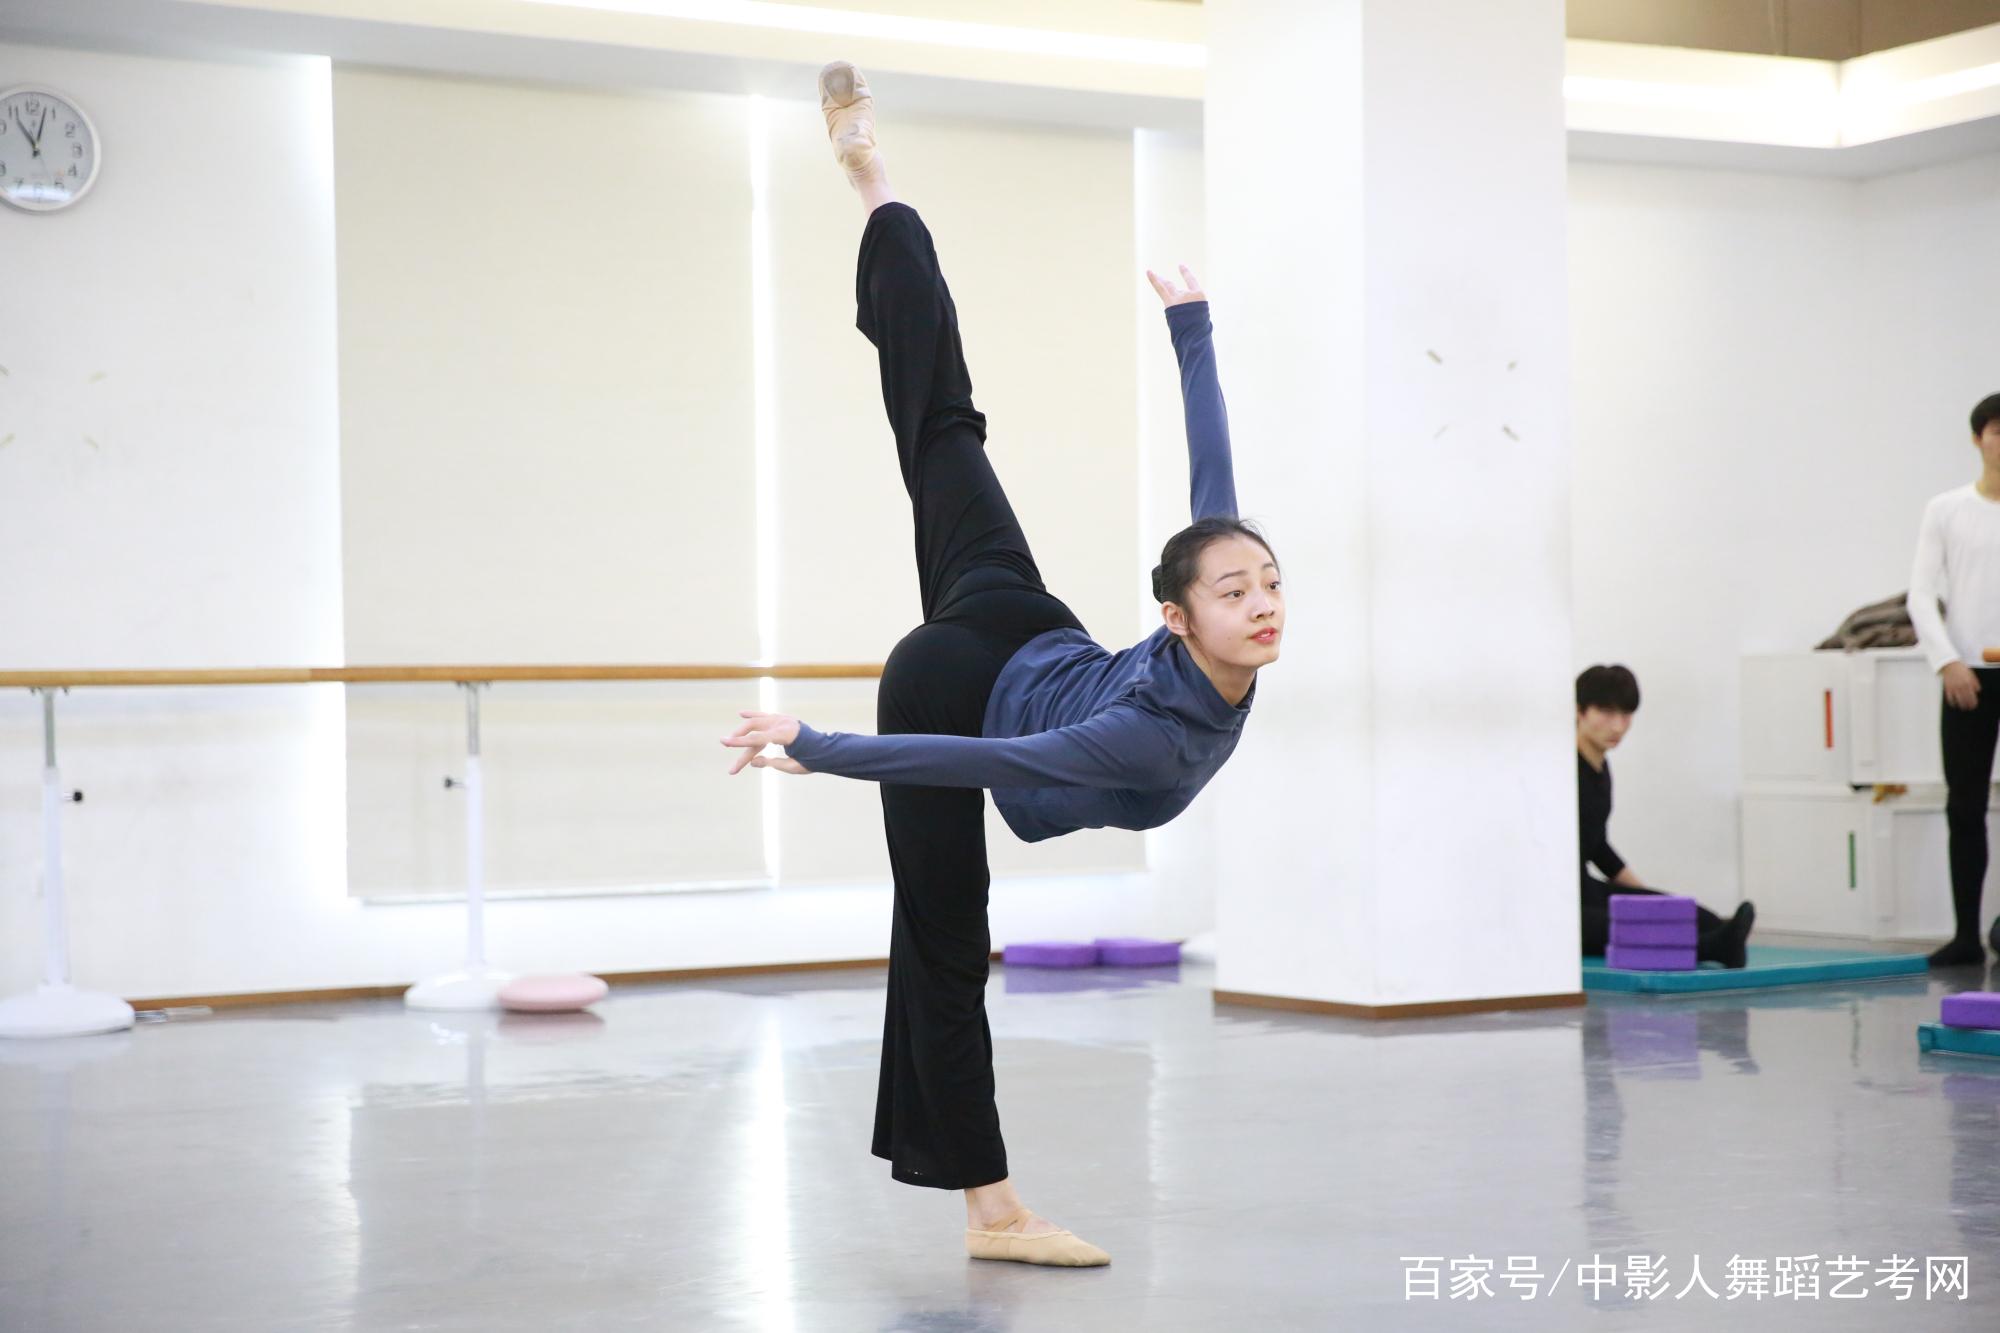 北京舞蹈培训哪个机构最好?挑选时这几点舞蹈生一定要注意!